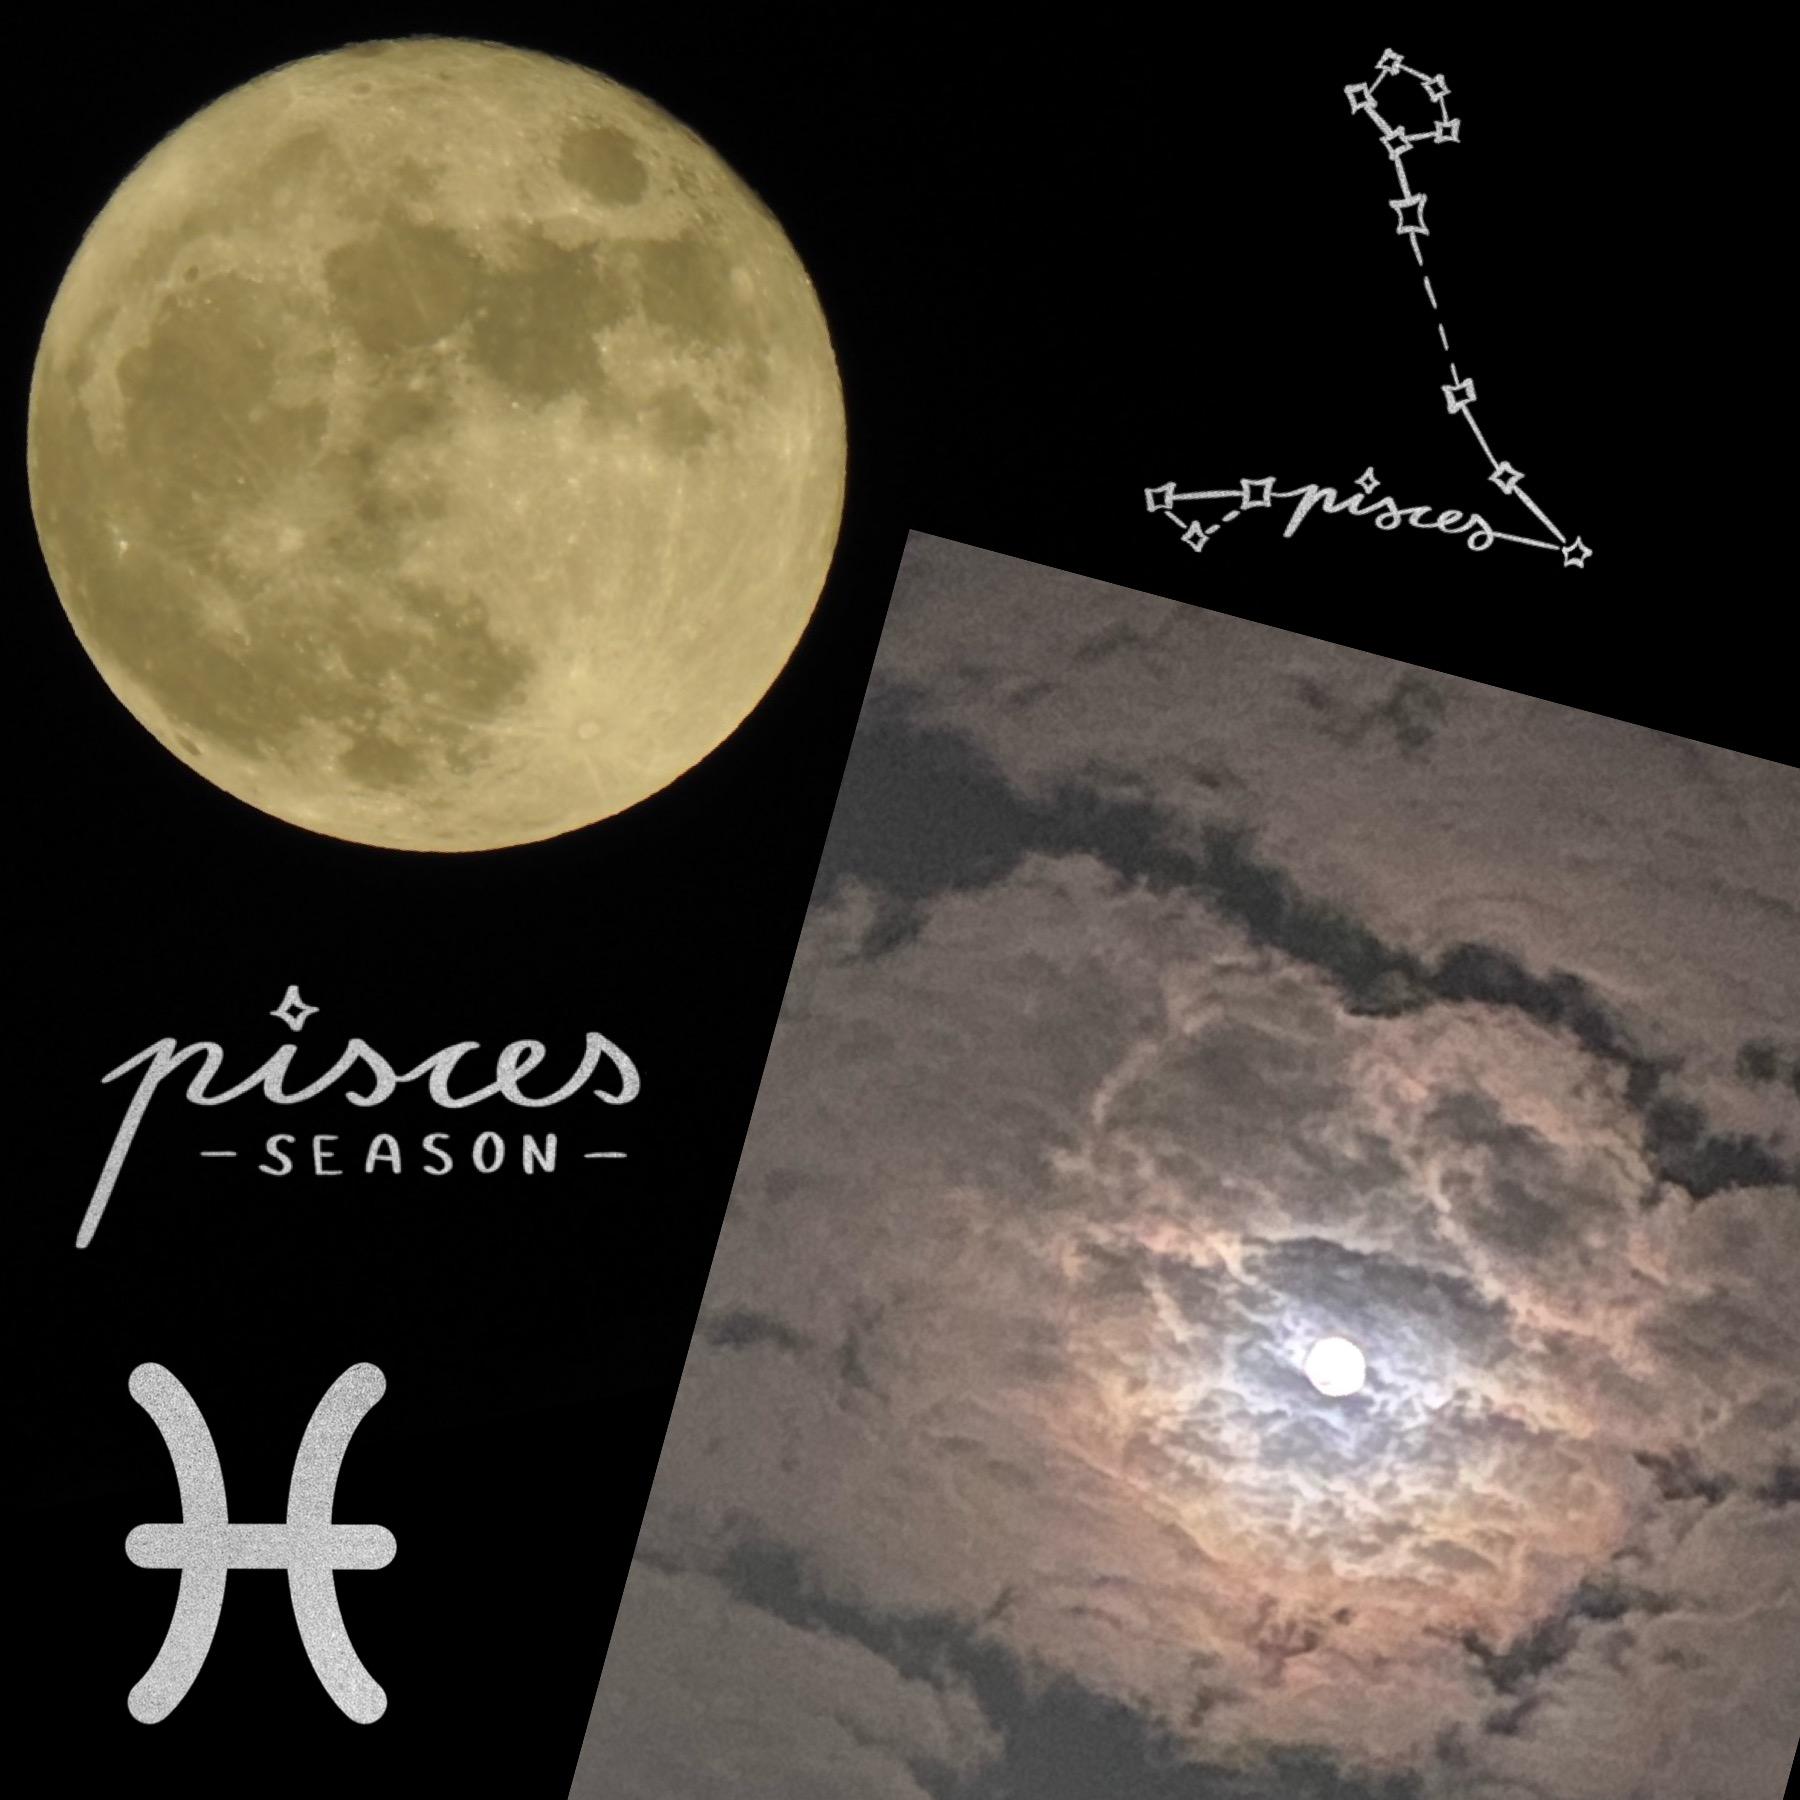 【十五夜】~8年振りの満月~